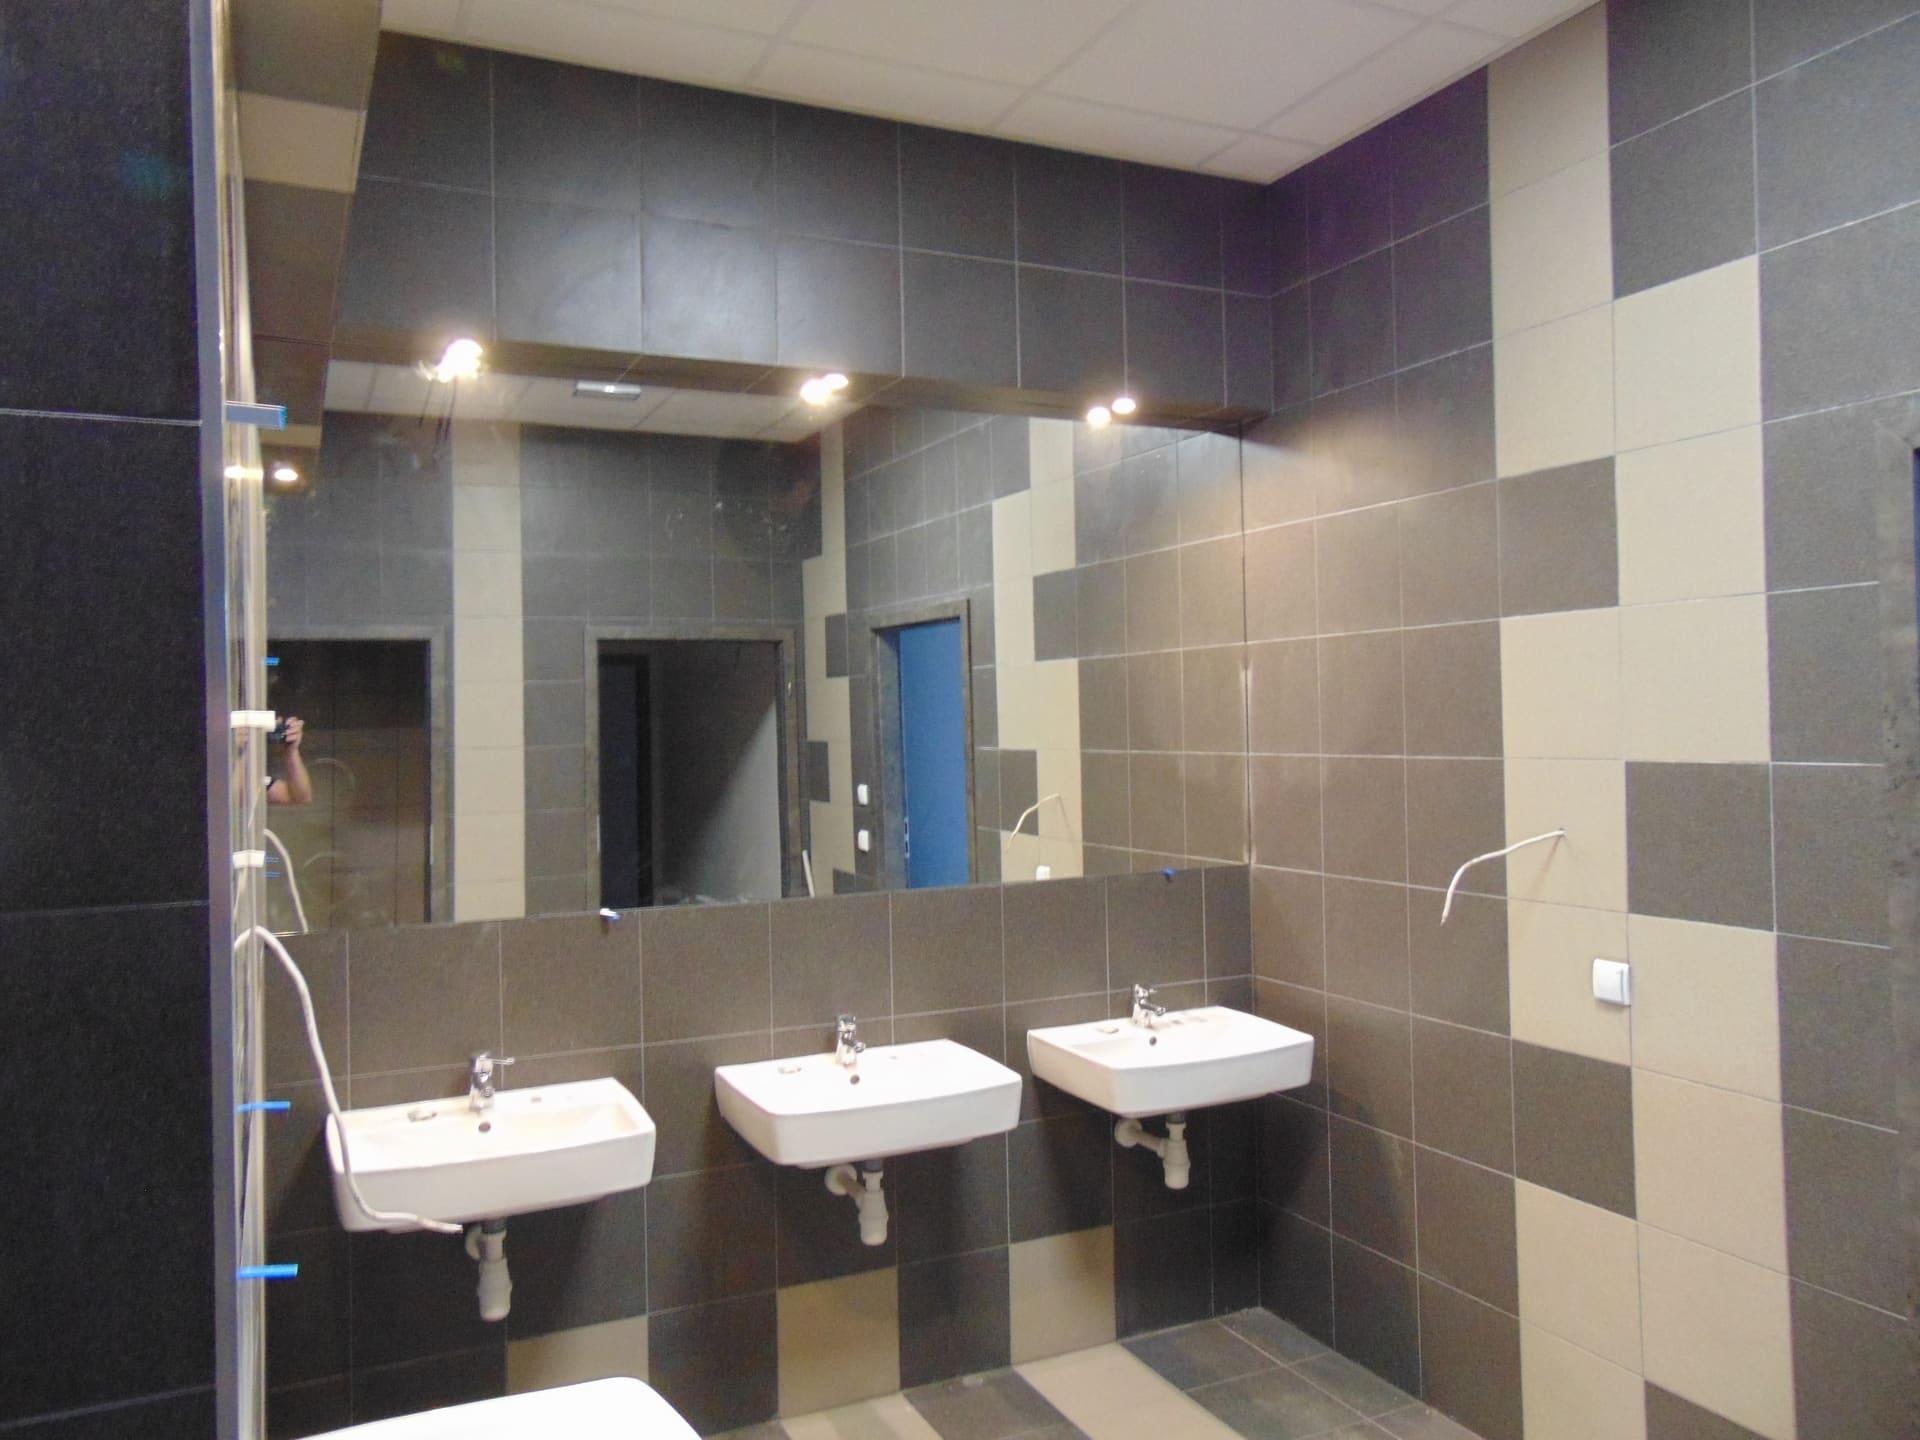 duże lustro w toalecie